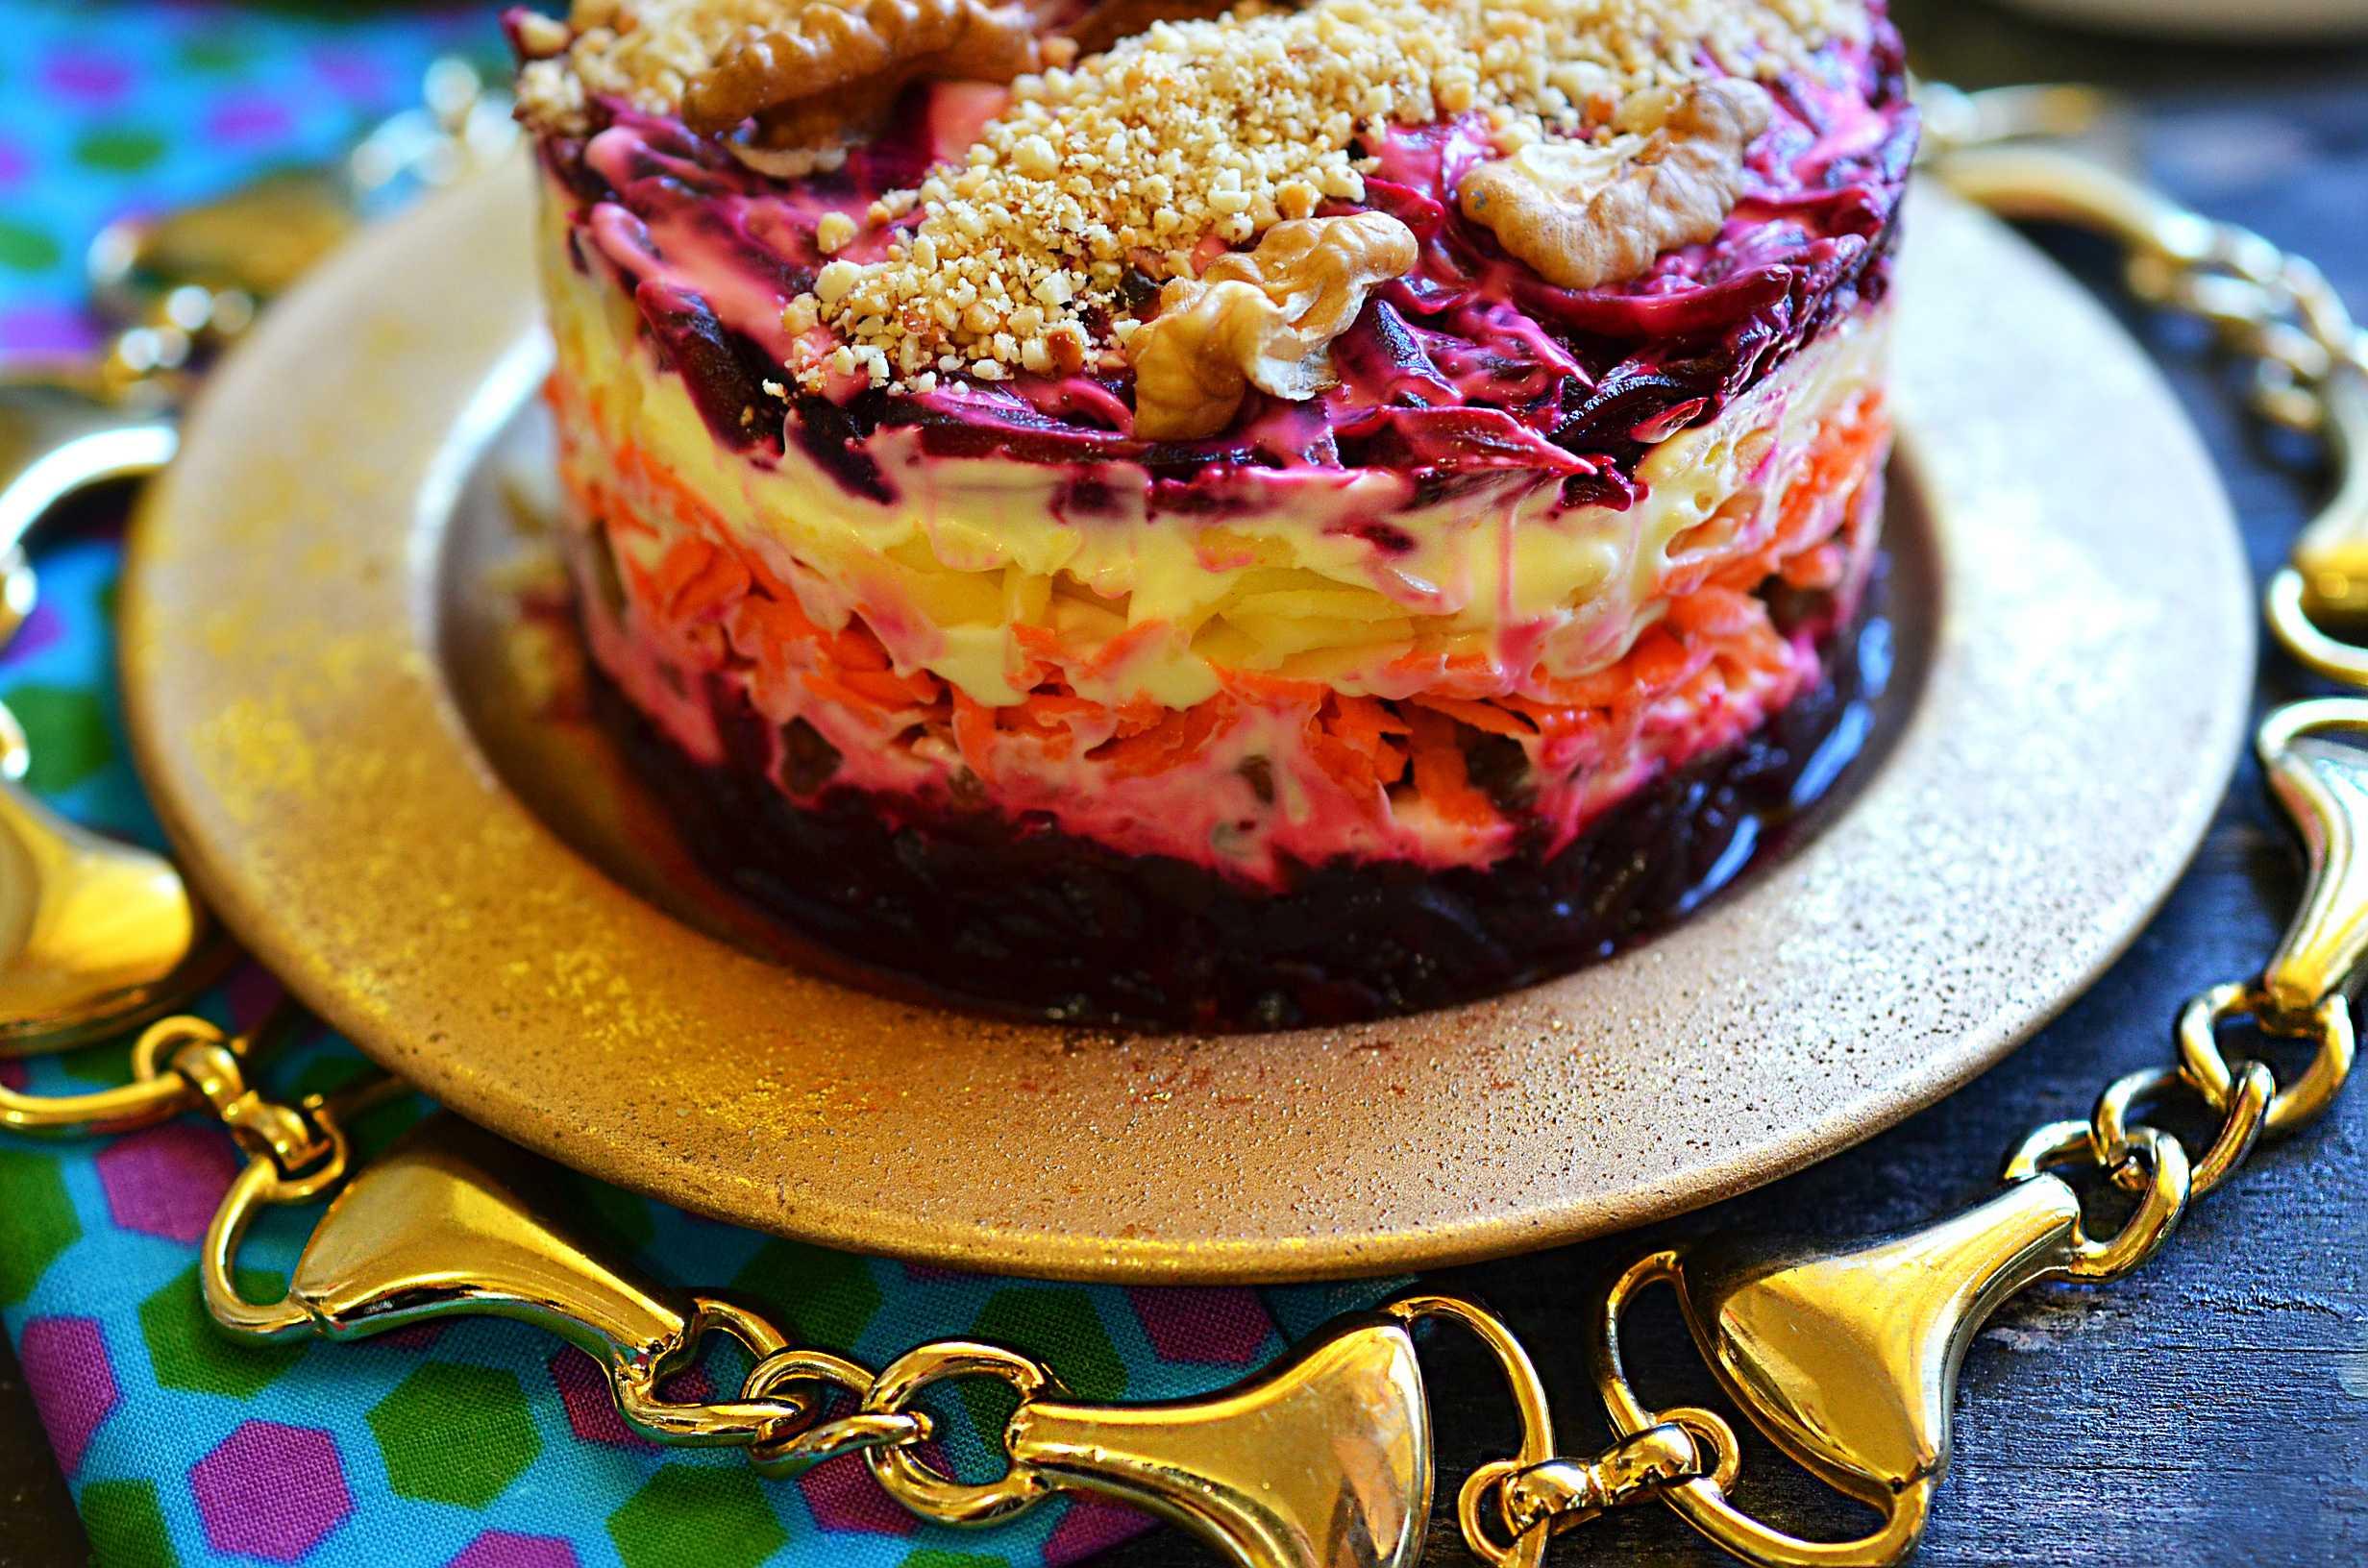 Салат любовница: пошаговые рецепты приготовления с черносливом, изюмом, грецкими орехами, курицей, сыром, морковью, свеклой, изюмом, гранатом, апельсином, отзывы, видео, калорийность, как украсить, классический рецепт